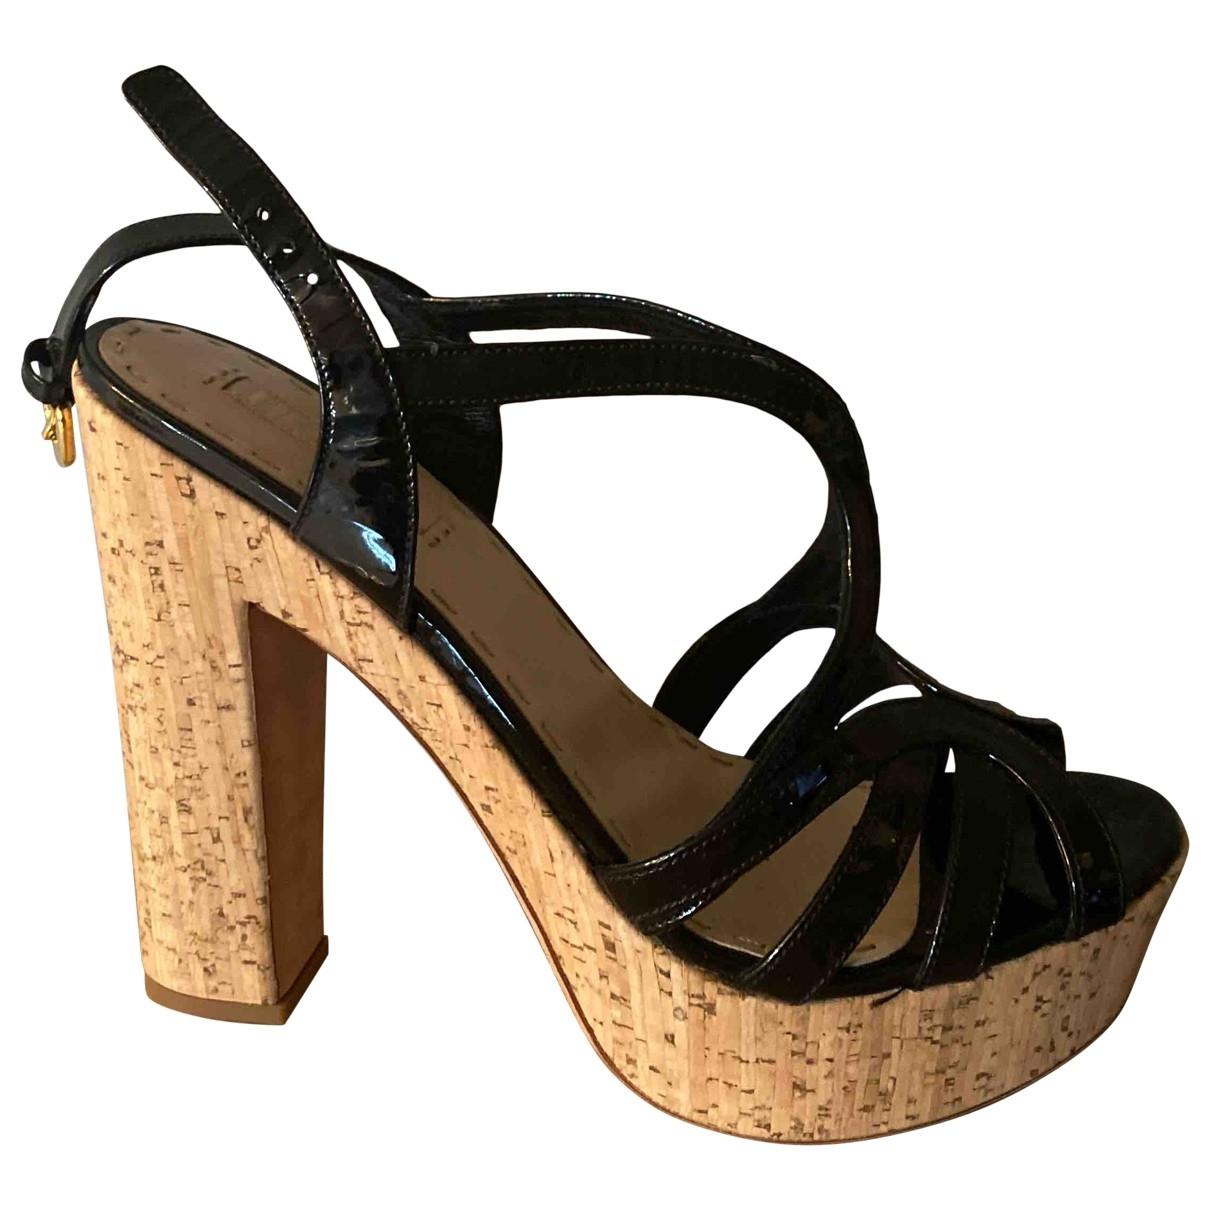 Sandalias de Charol Prada